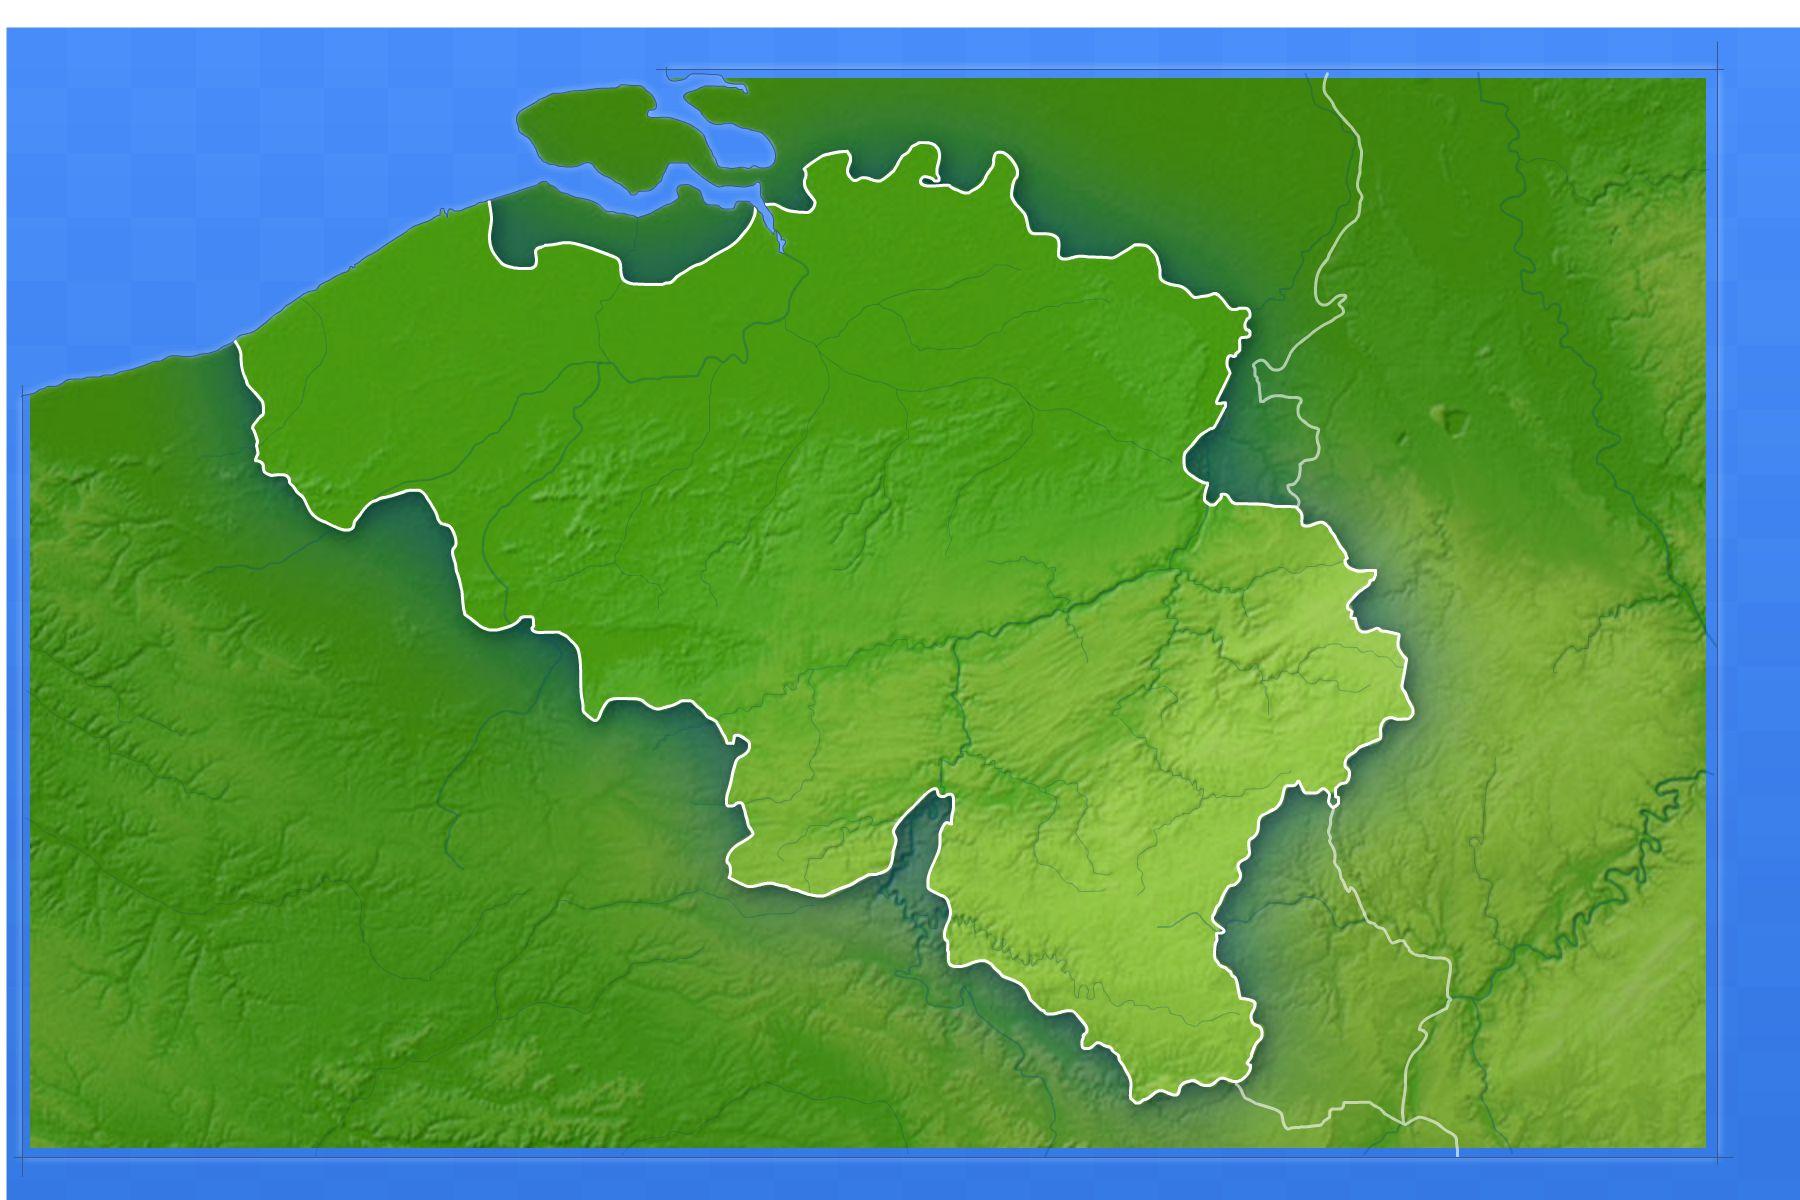 Jeux-Geographiques Jeux Gratuits Jeu Villes De Belgique encequiconcerne Jeux Geographique